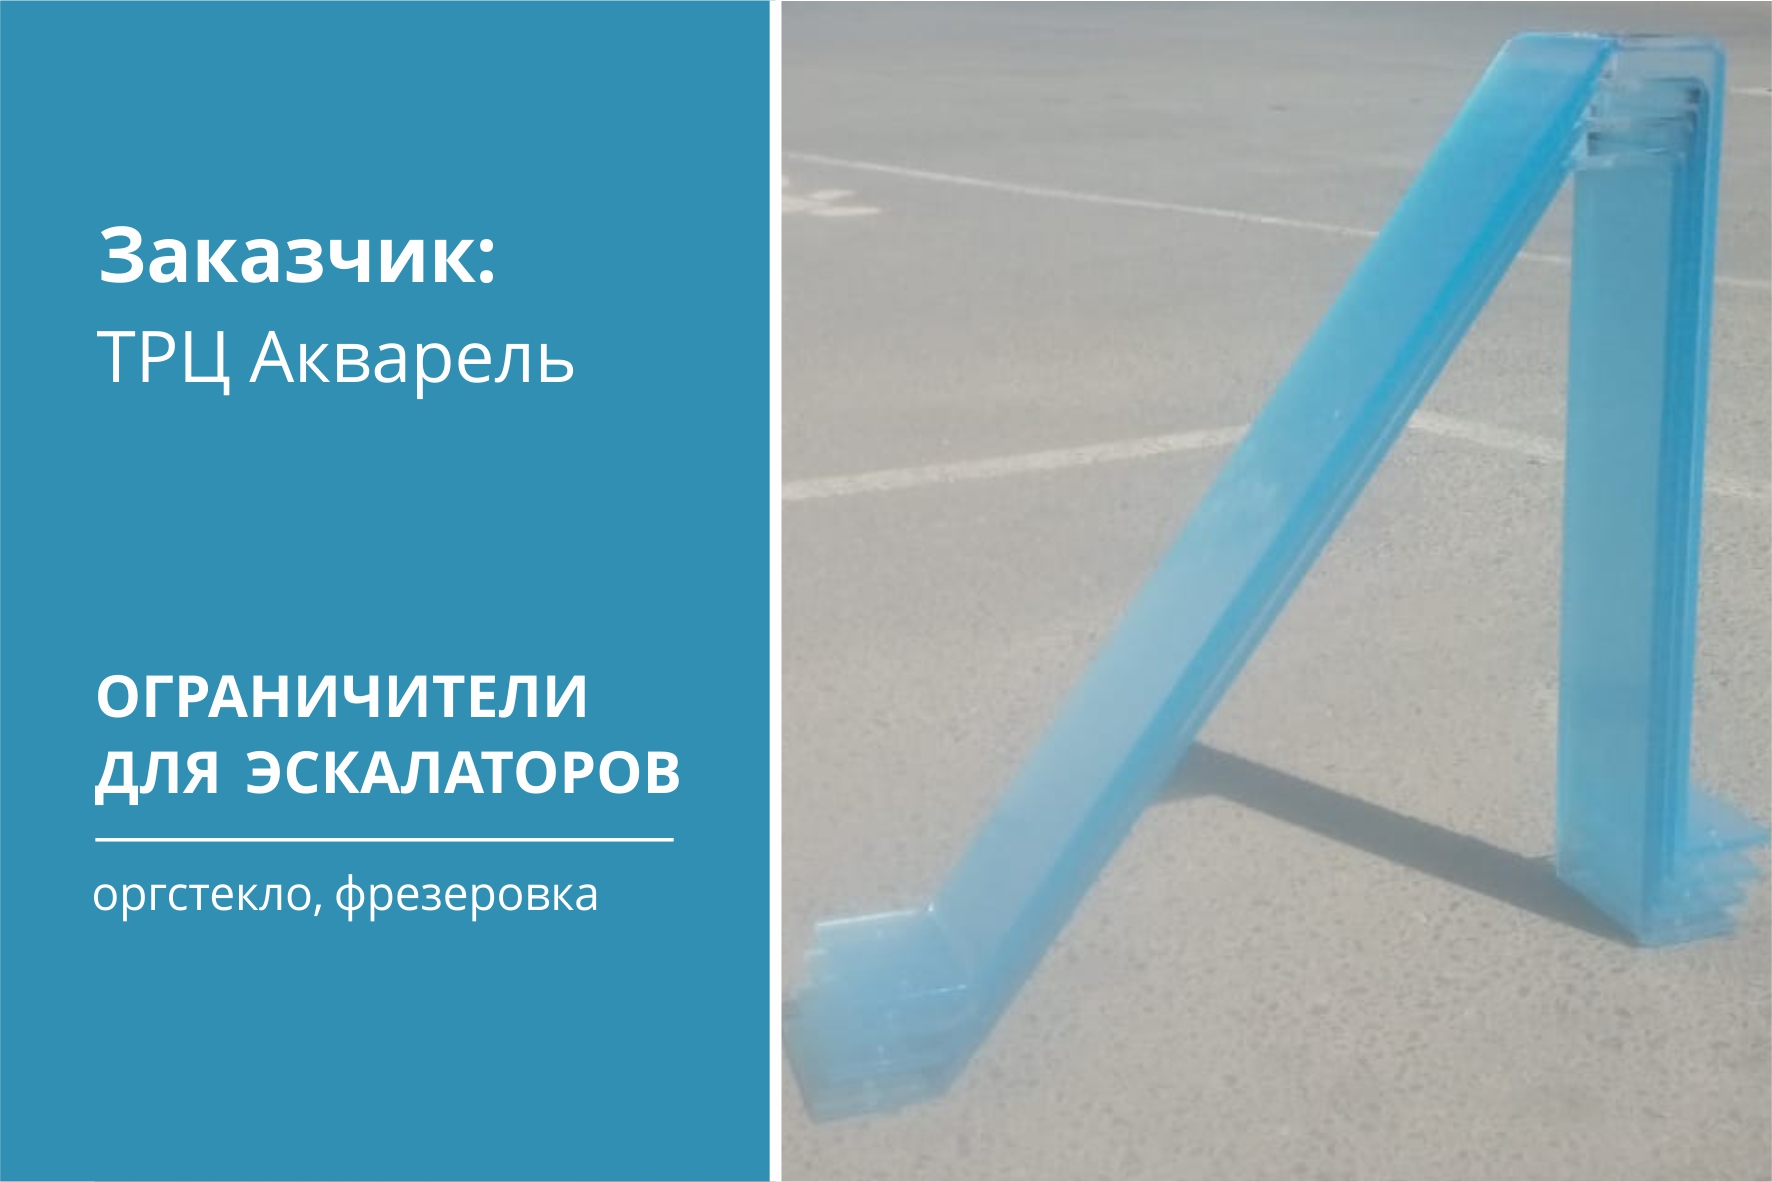 ограничители_ блок новостей